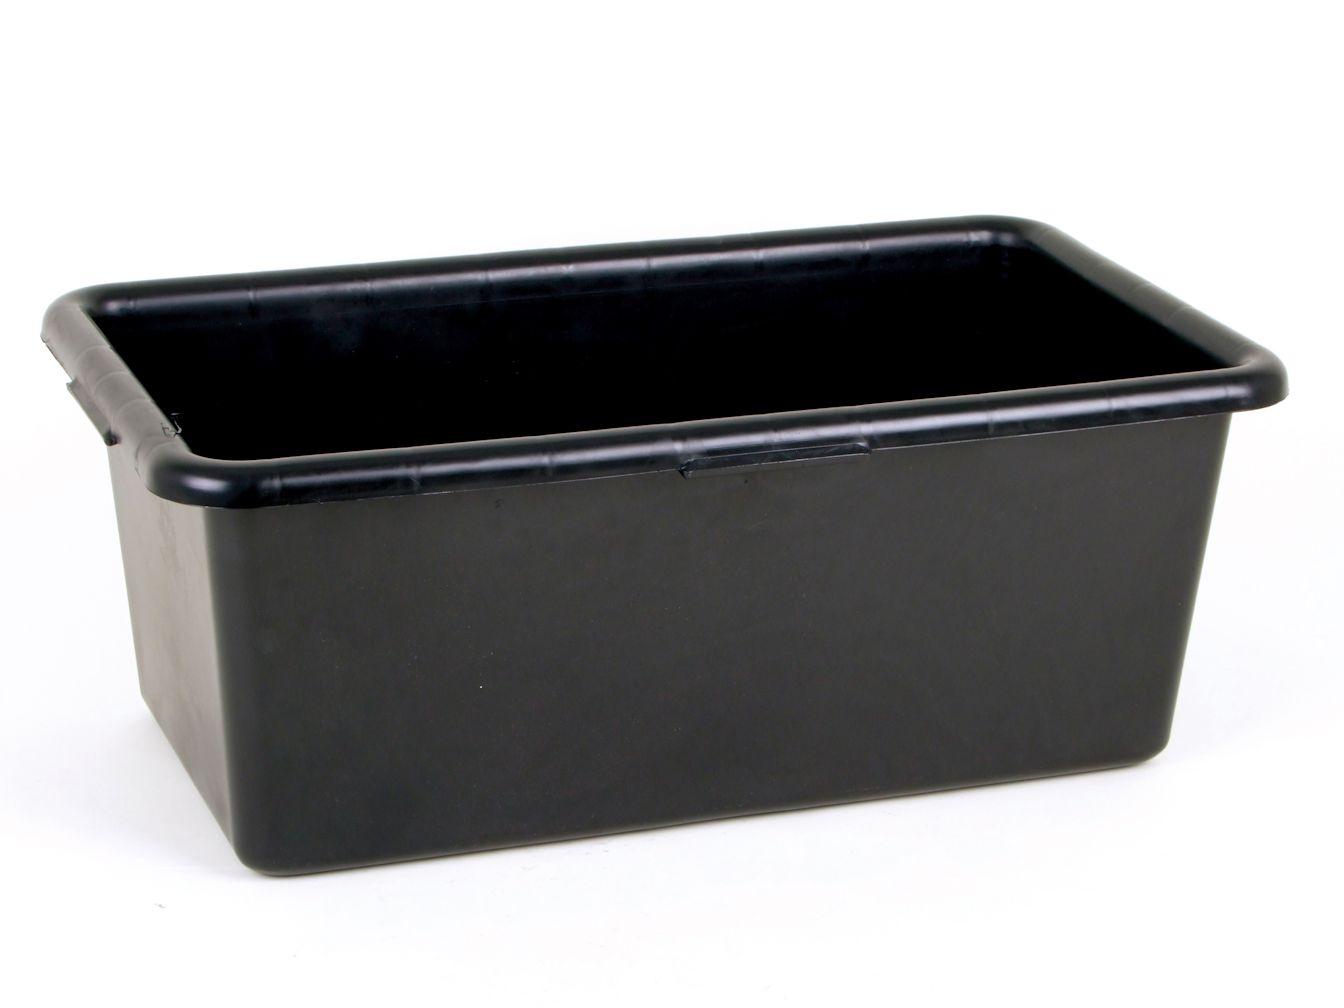 Mörtelkasten 60 Liter 3er Set Mörtelkübel Baukübel Zementkübel